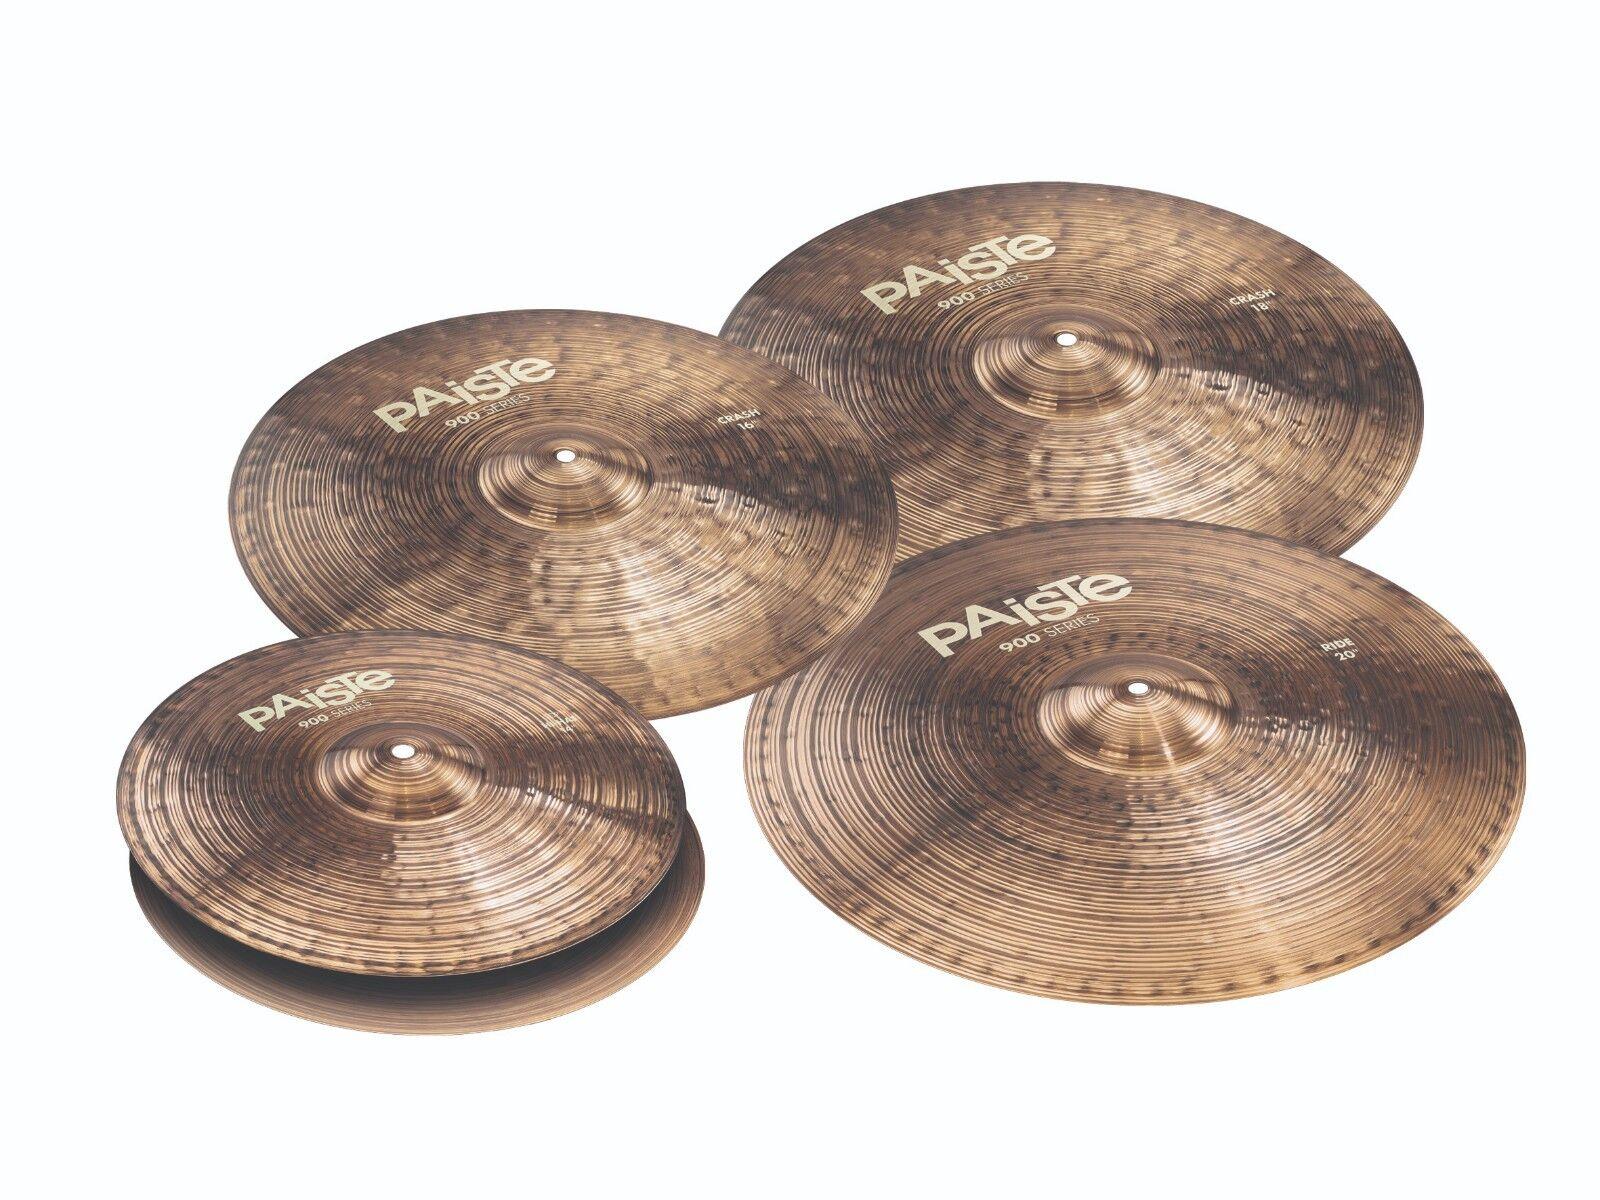 Paiste 900 Series 5 Piece Universal Cymbal Set Free Cymbal Bag-Sticks  Brand New